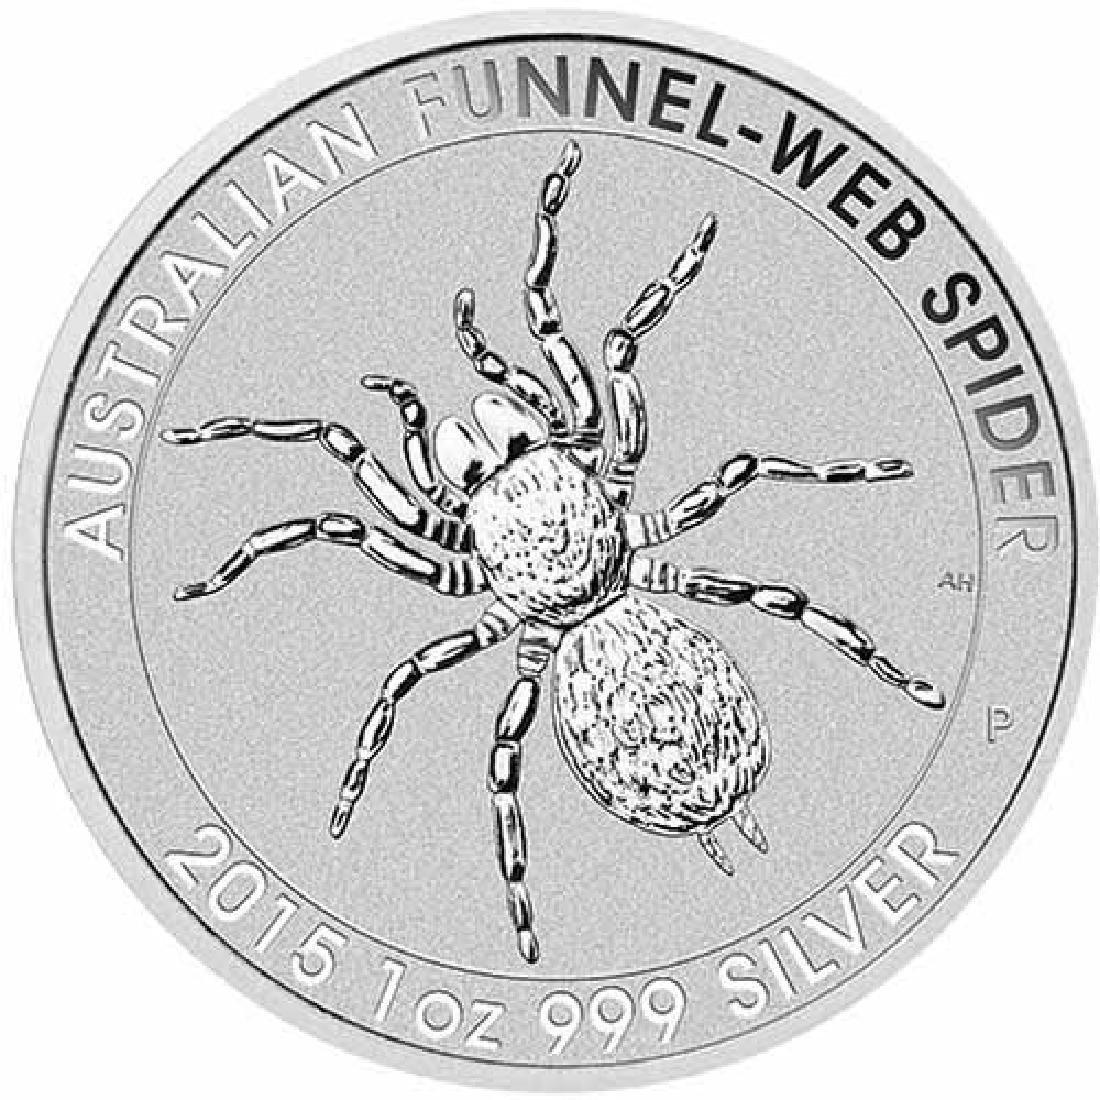 2015 1 oz Australian Silver Funnel Web Spider BU